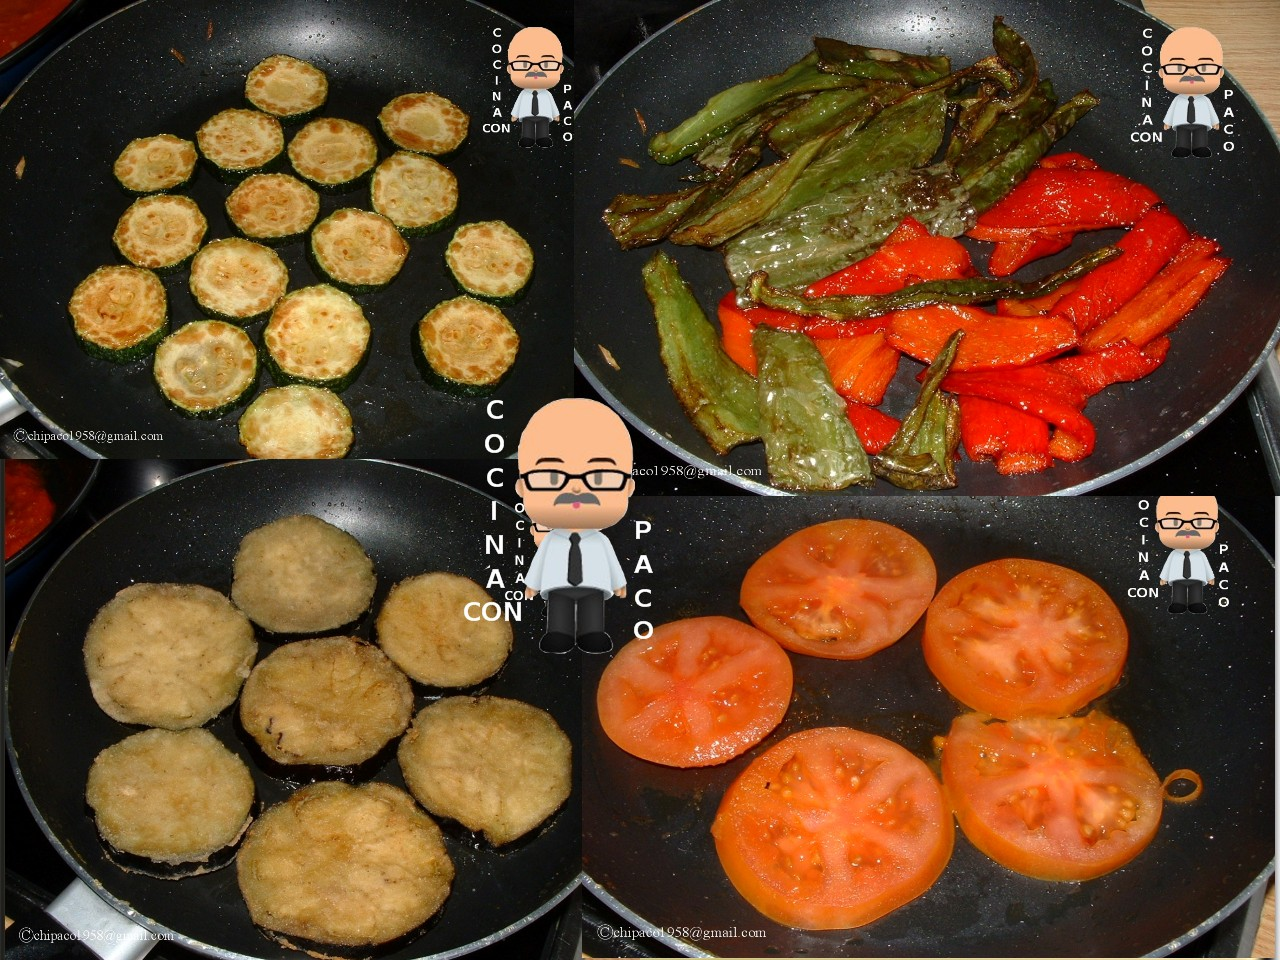 Cocina con paco tumbet mallorqu n - Cocina con paco ...